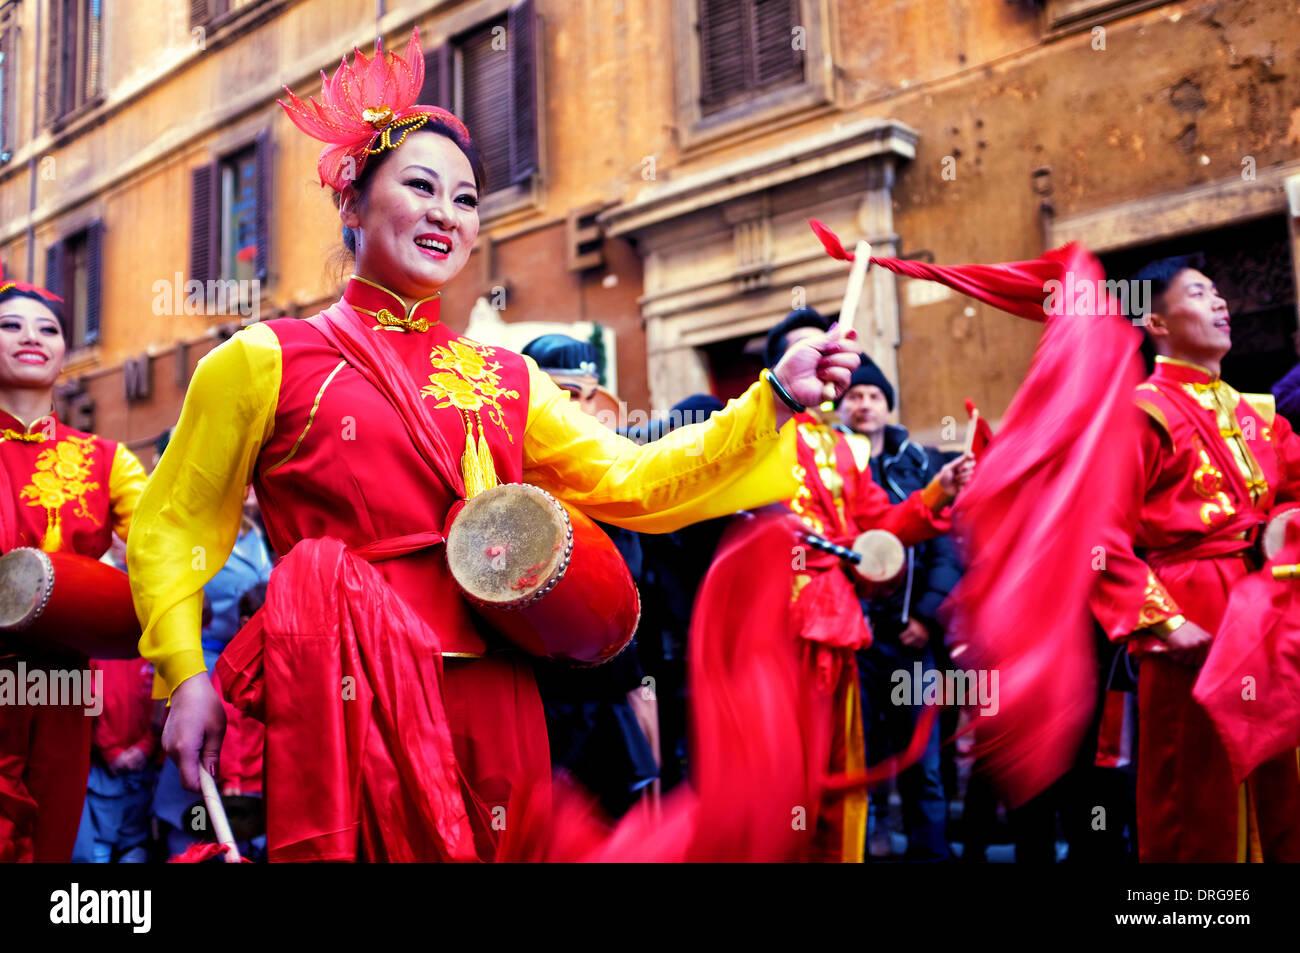 Rome, Italie 25 janvier 2014 Artistes Célébrez le Nouvel An chinois dans la Via del Corso. Selon le calendrier chinois, c'est l'année de l'horse Crédit: Fabrizio Troiani/Alamy Live News Photo Stock